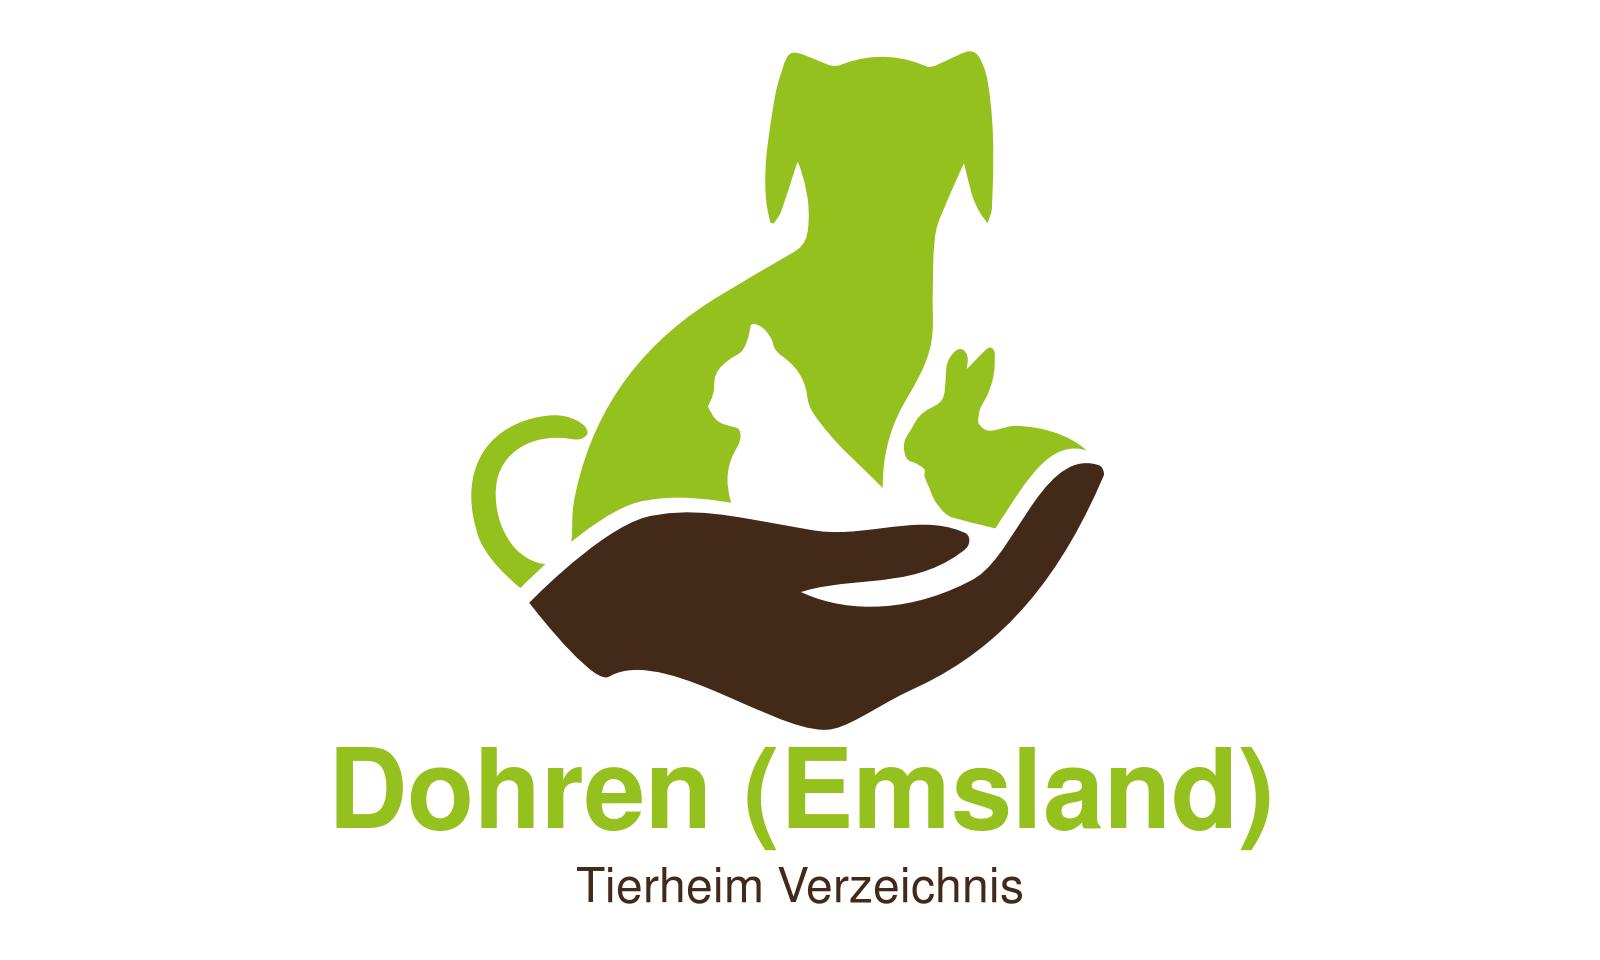 Tierheim Dohren (Emsland)